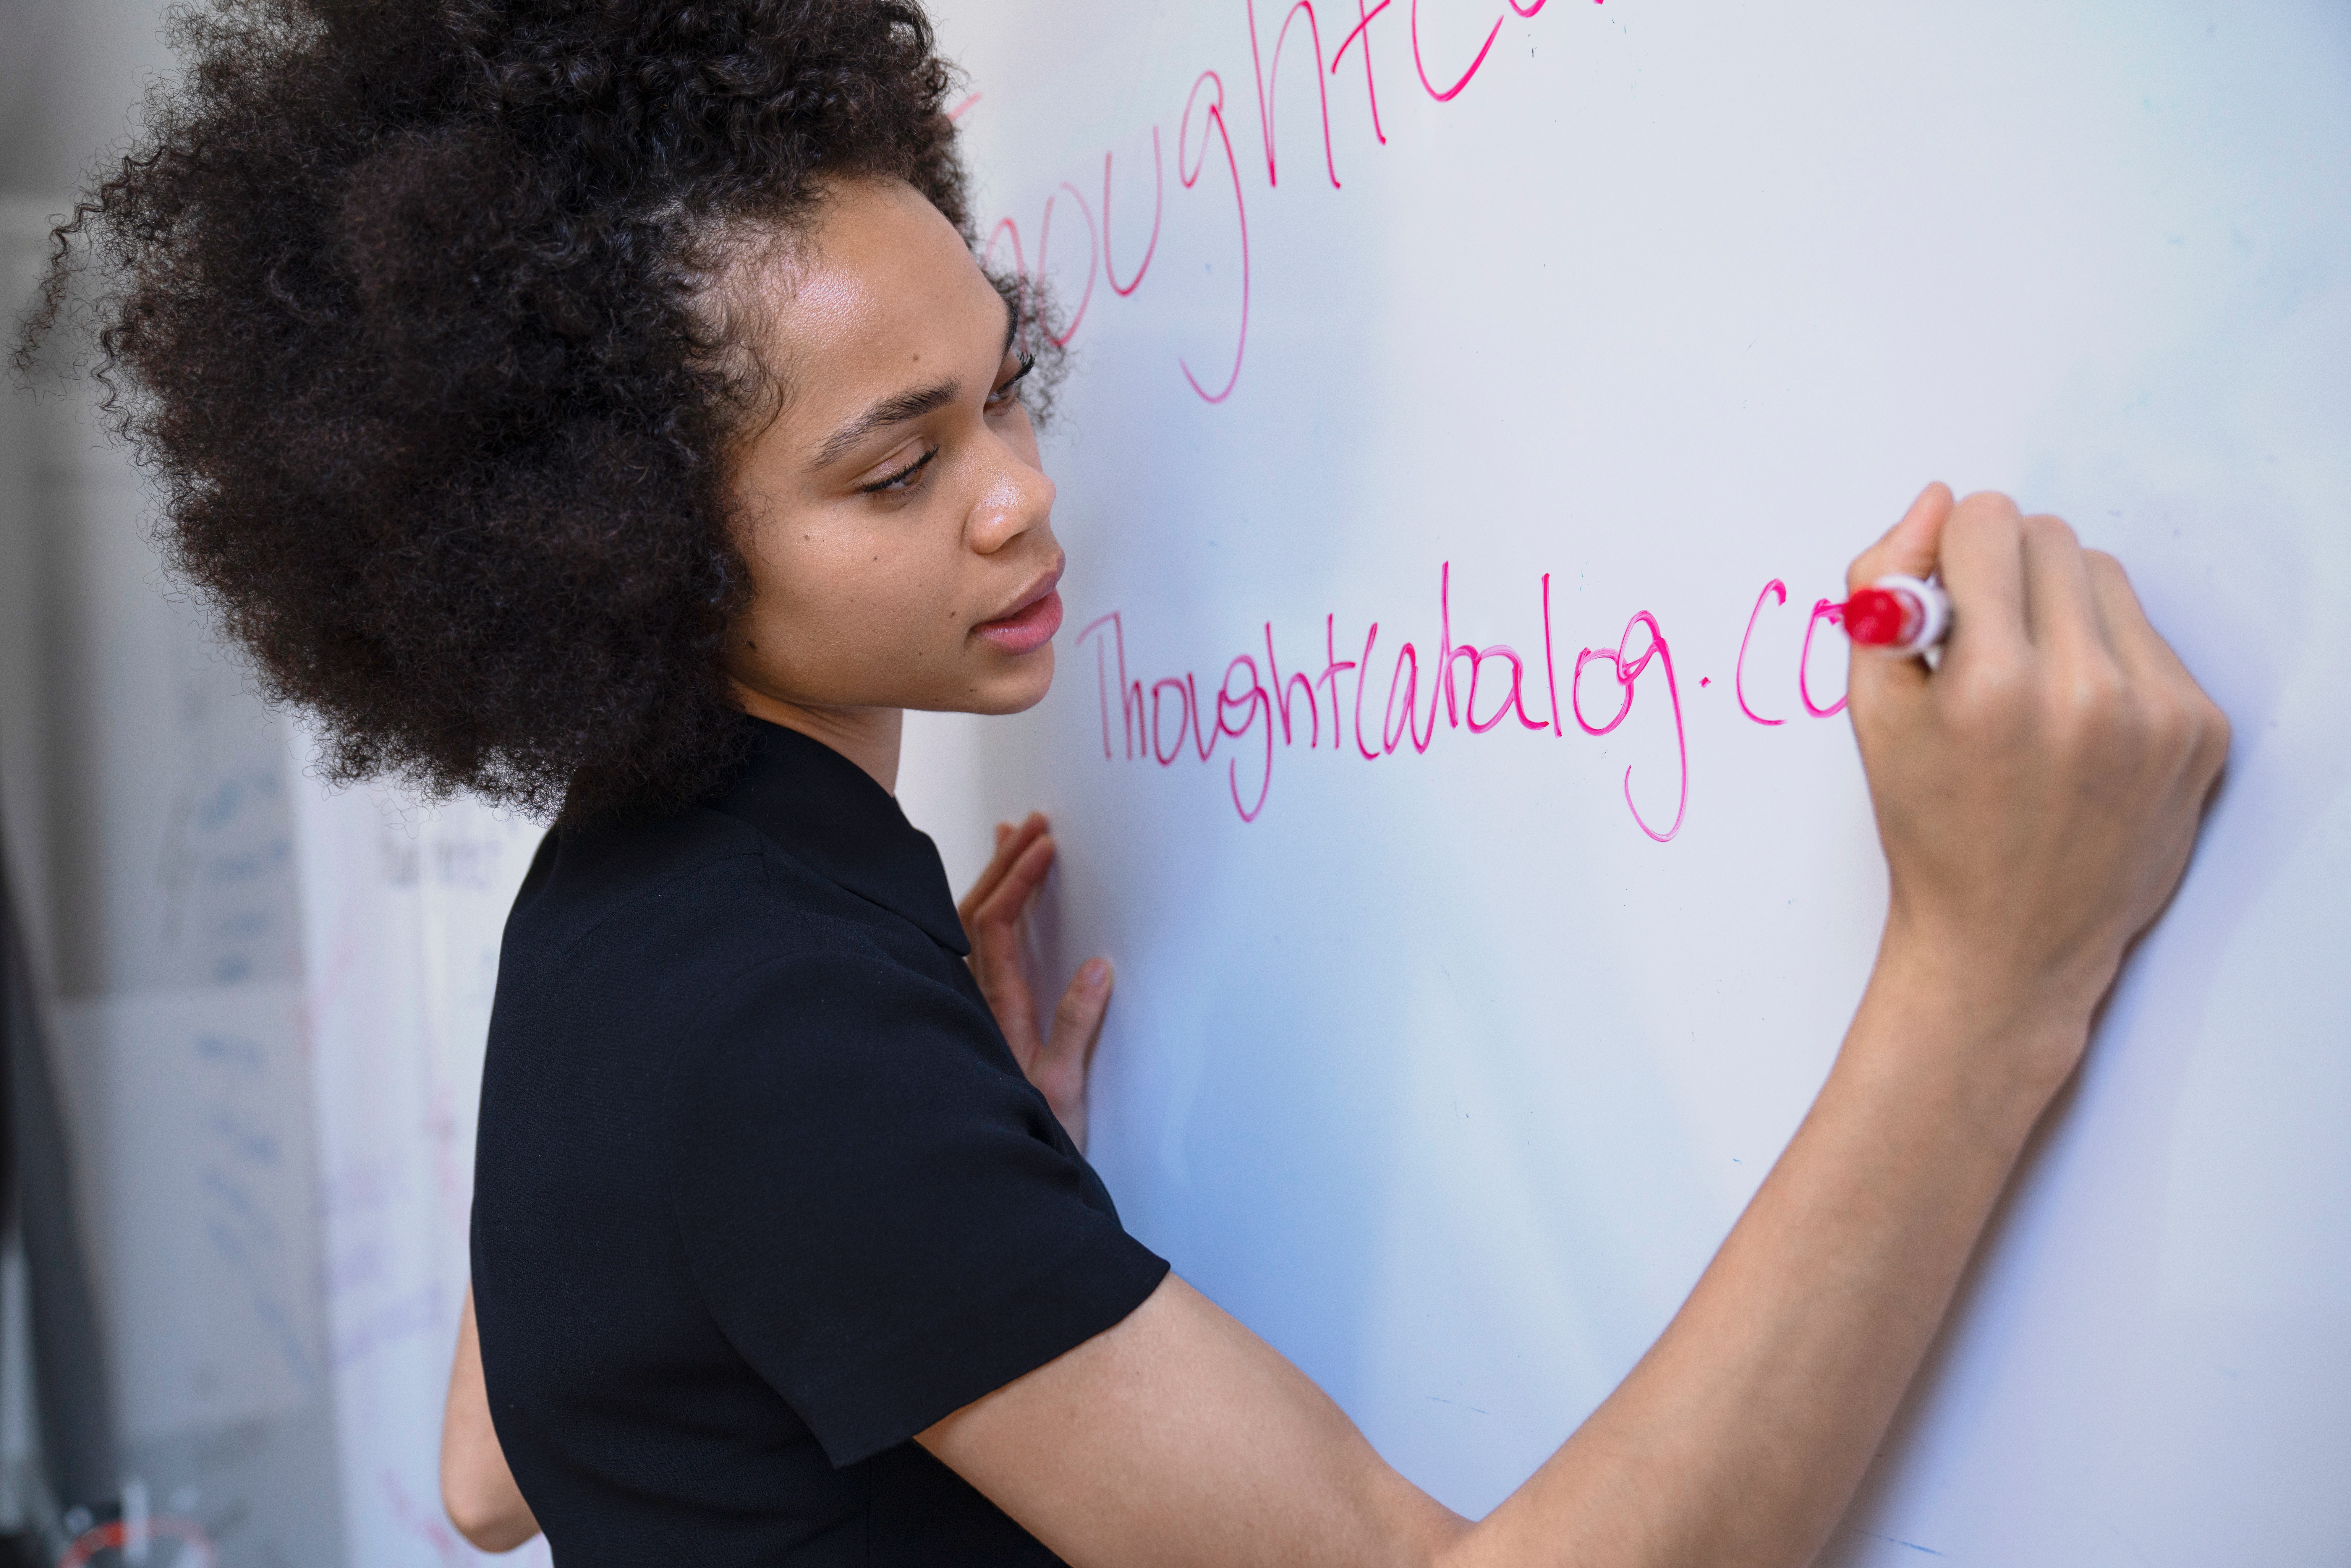 Mulher escrevendo no quadro